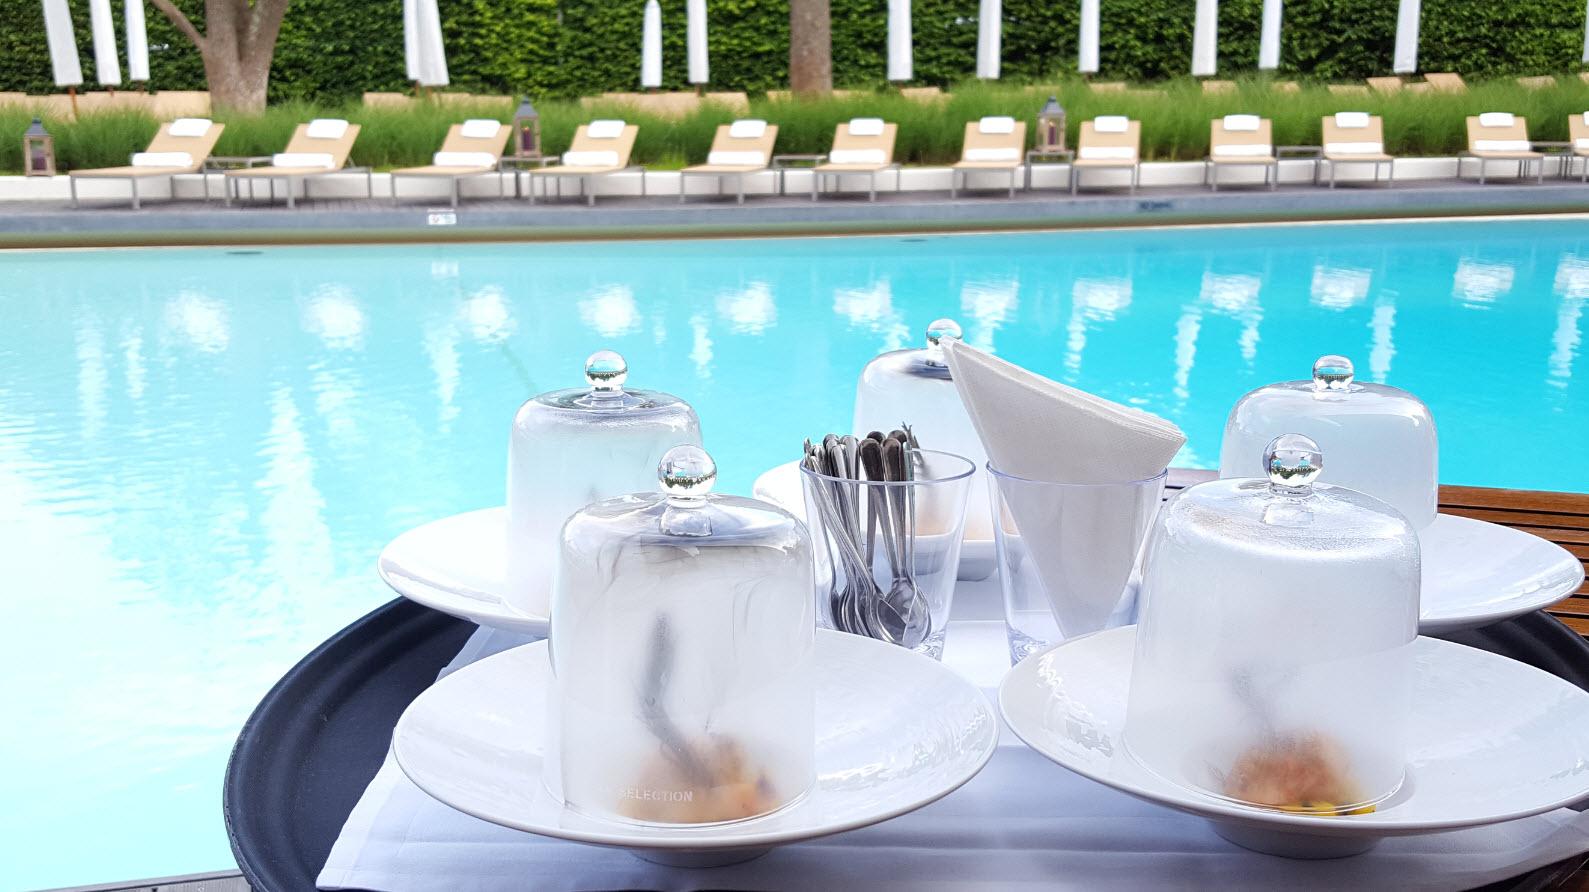 Dejeuner a la piscine